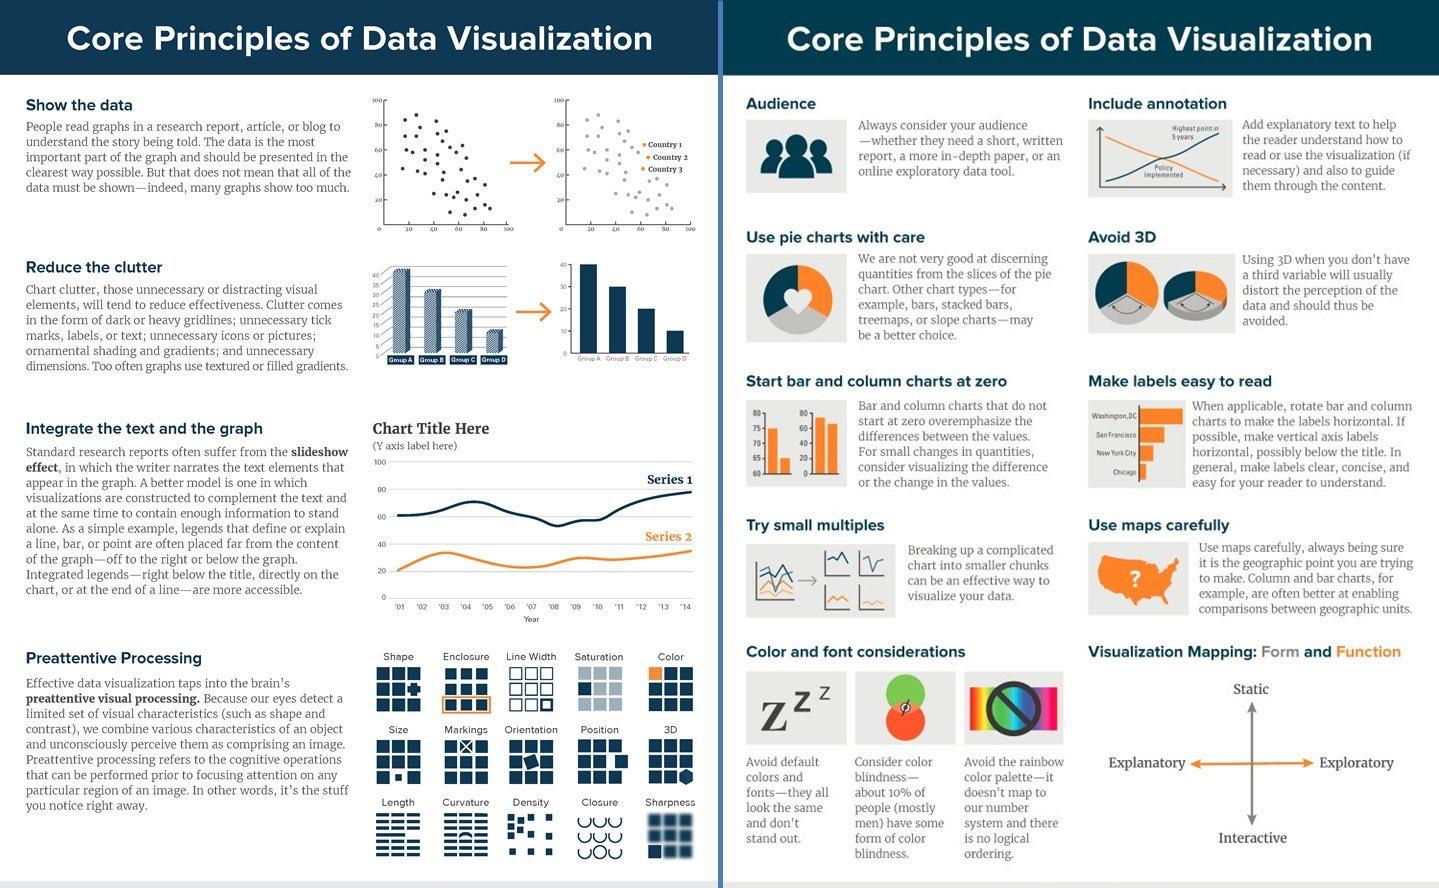 Data Visualization - Core Principles